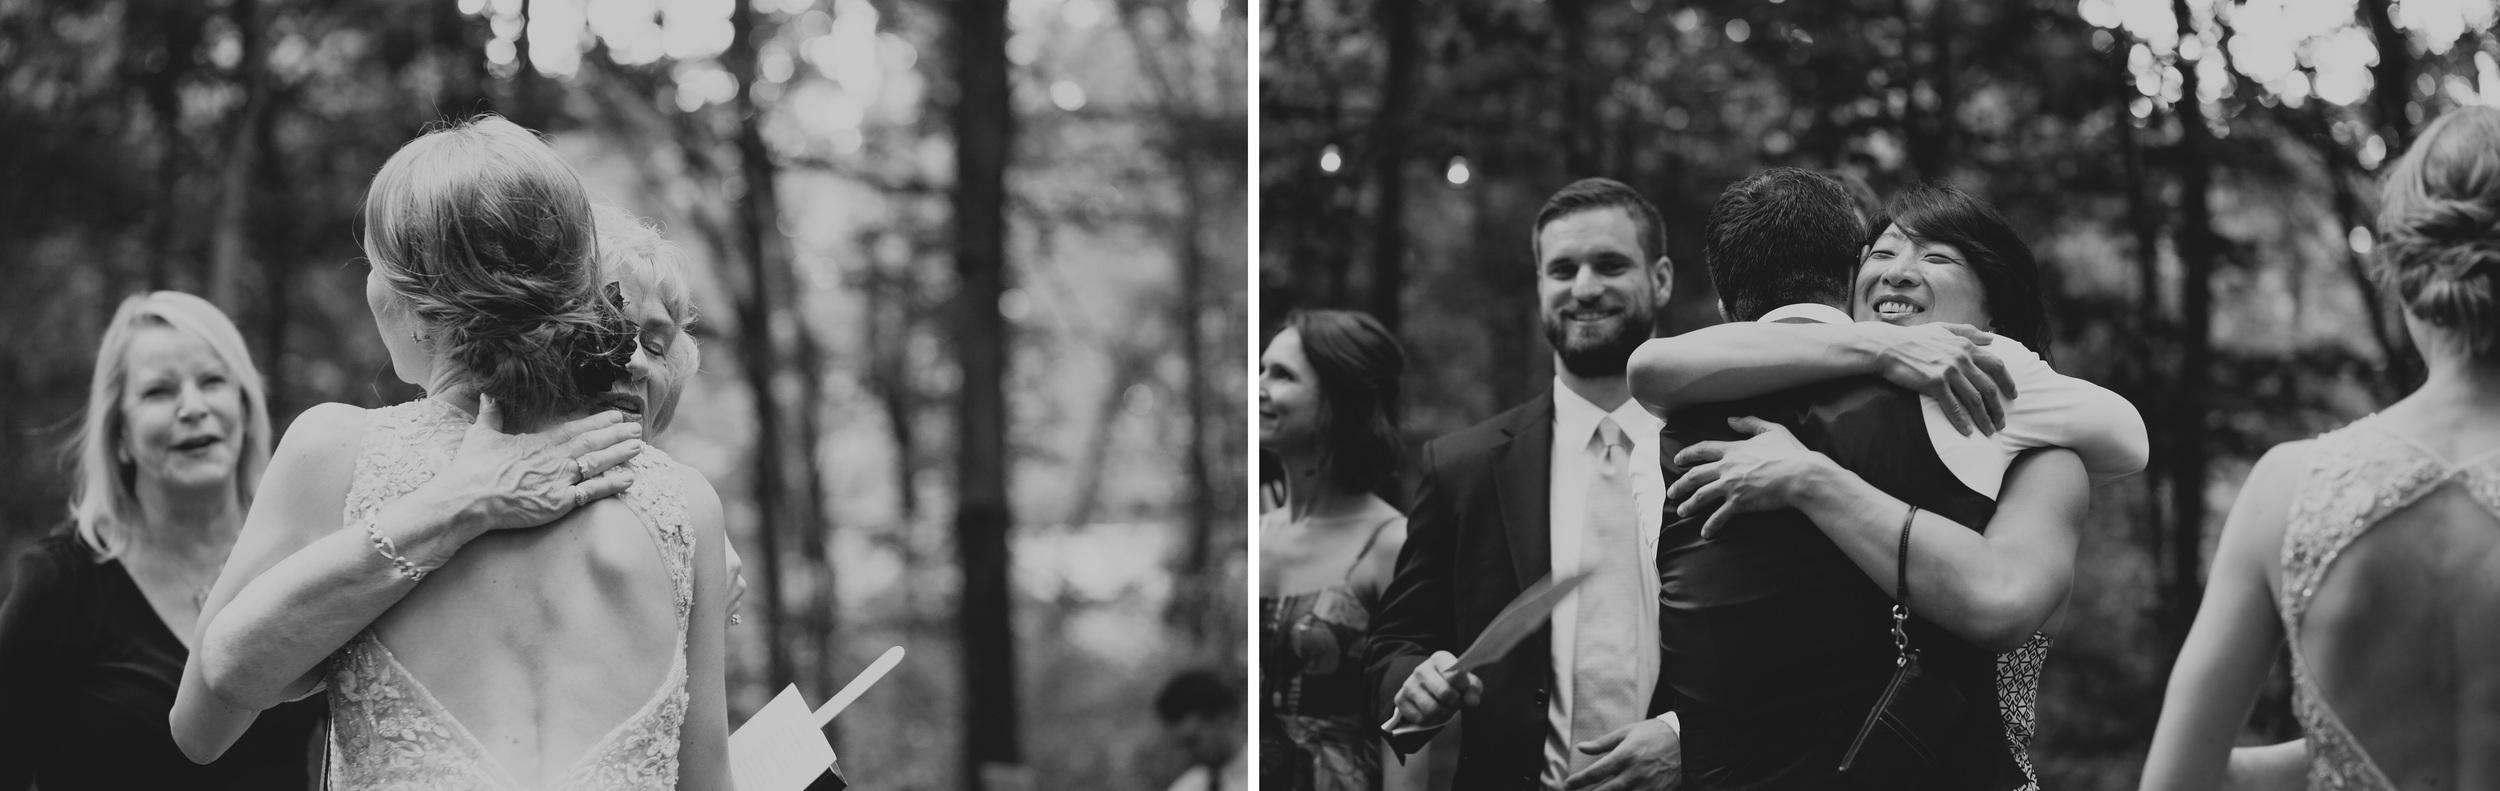 Laura + Mark Wedding Nashville Wedding Photographer Photography Anthology-138 copy.jpg